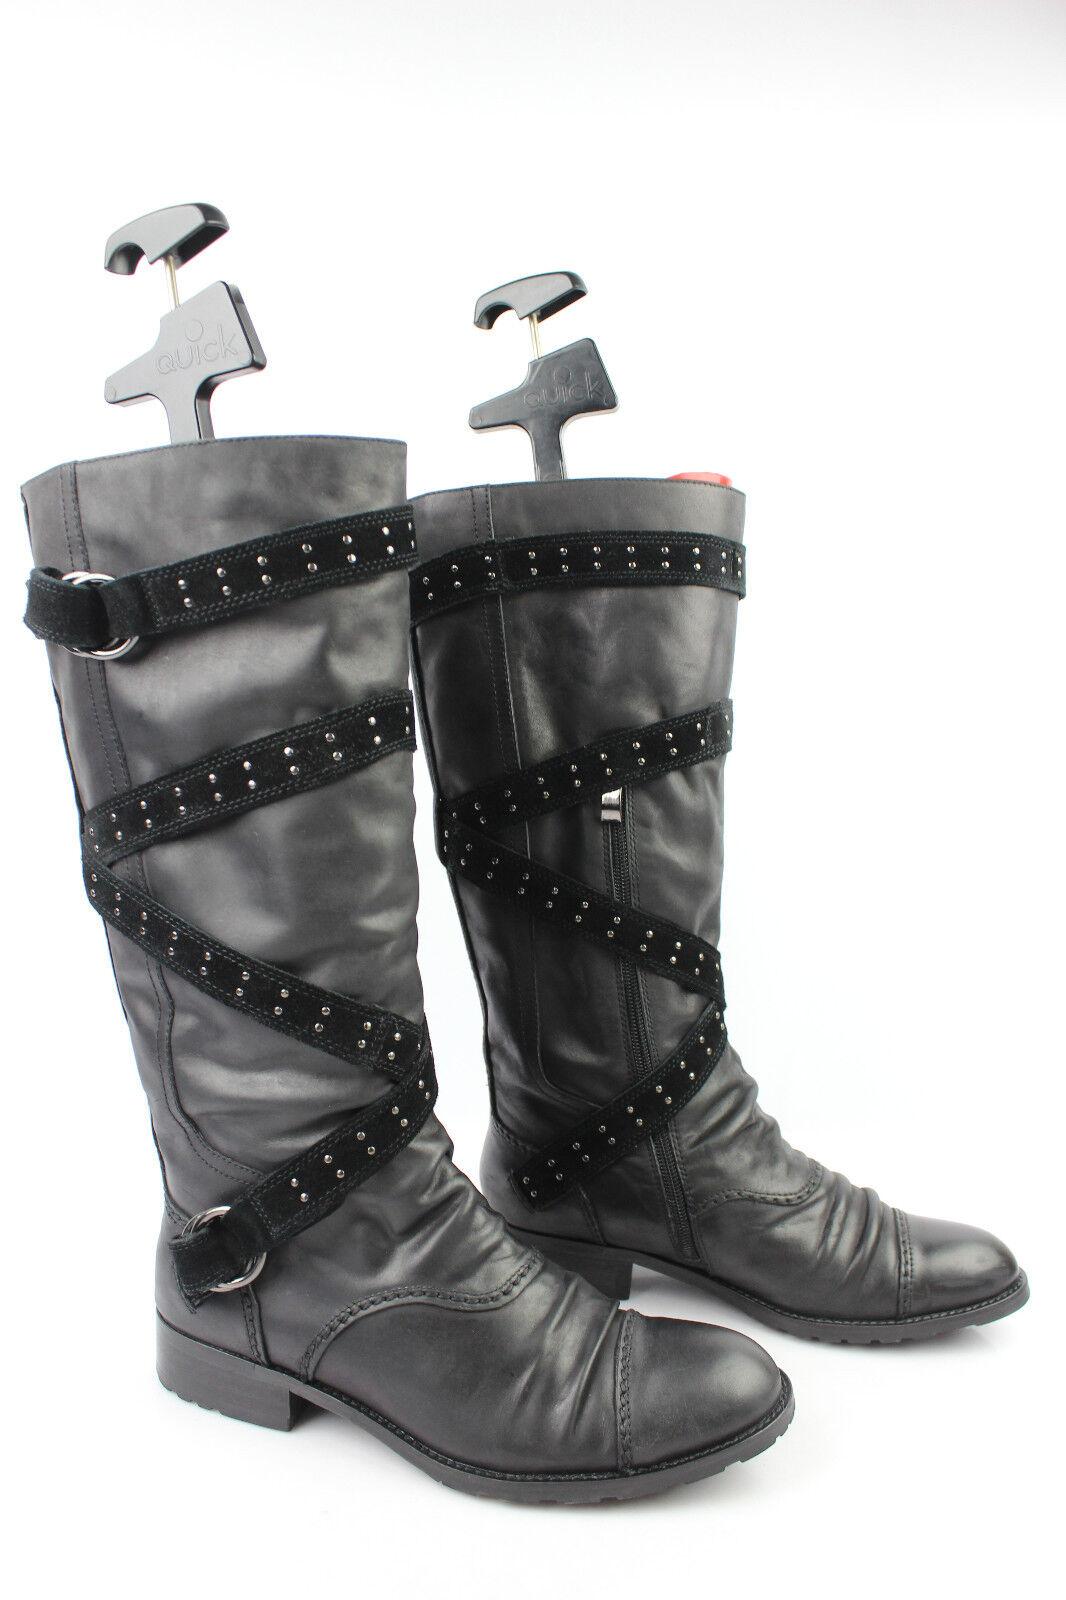 Stiefel NO NAME schwarzes Leder Streifen Wildleder Nietenbesetzt t 39